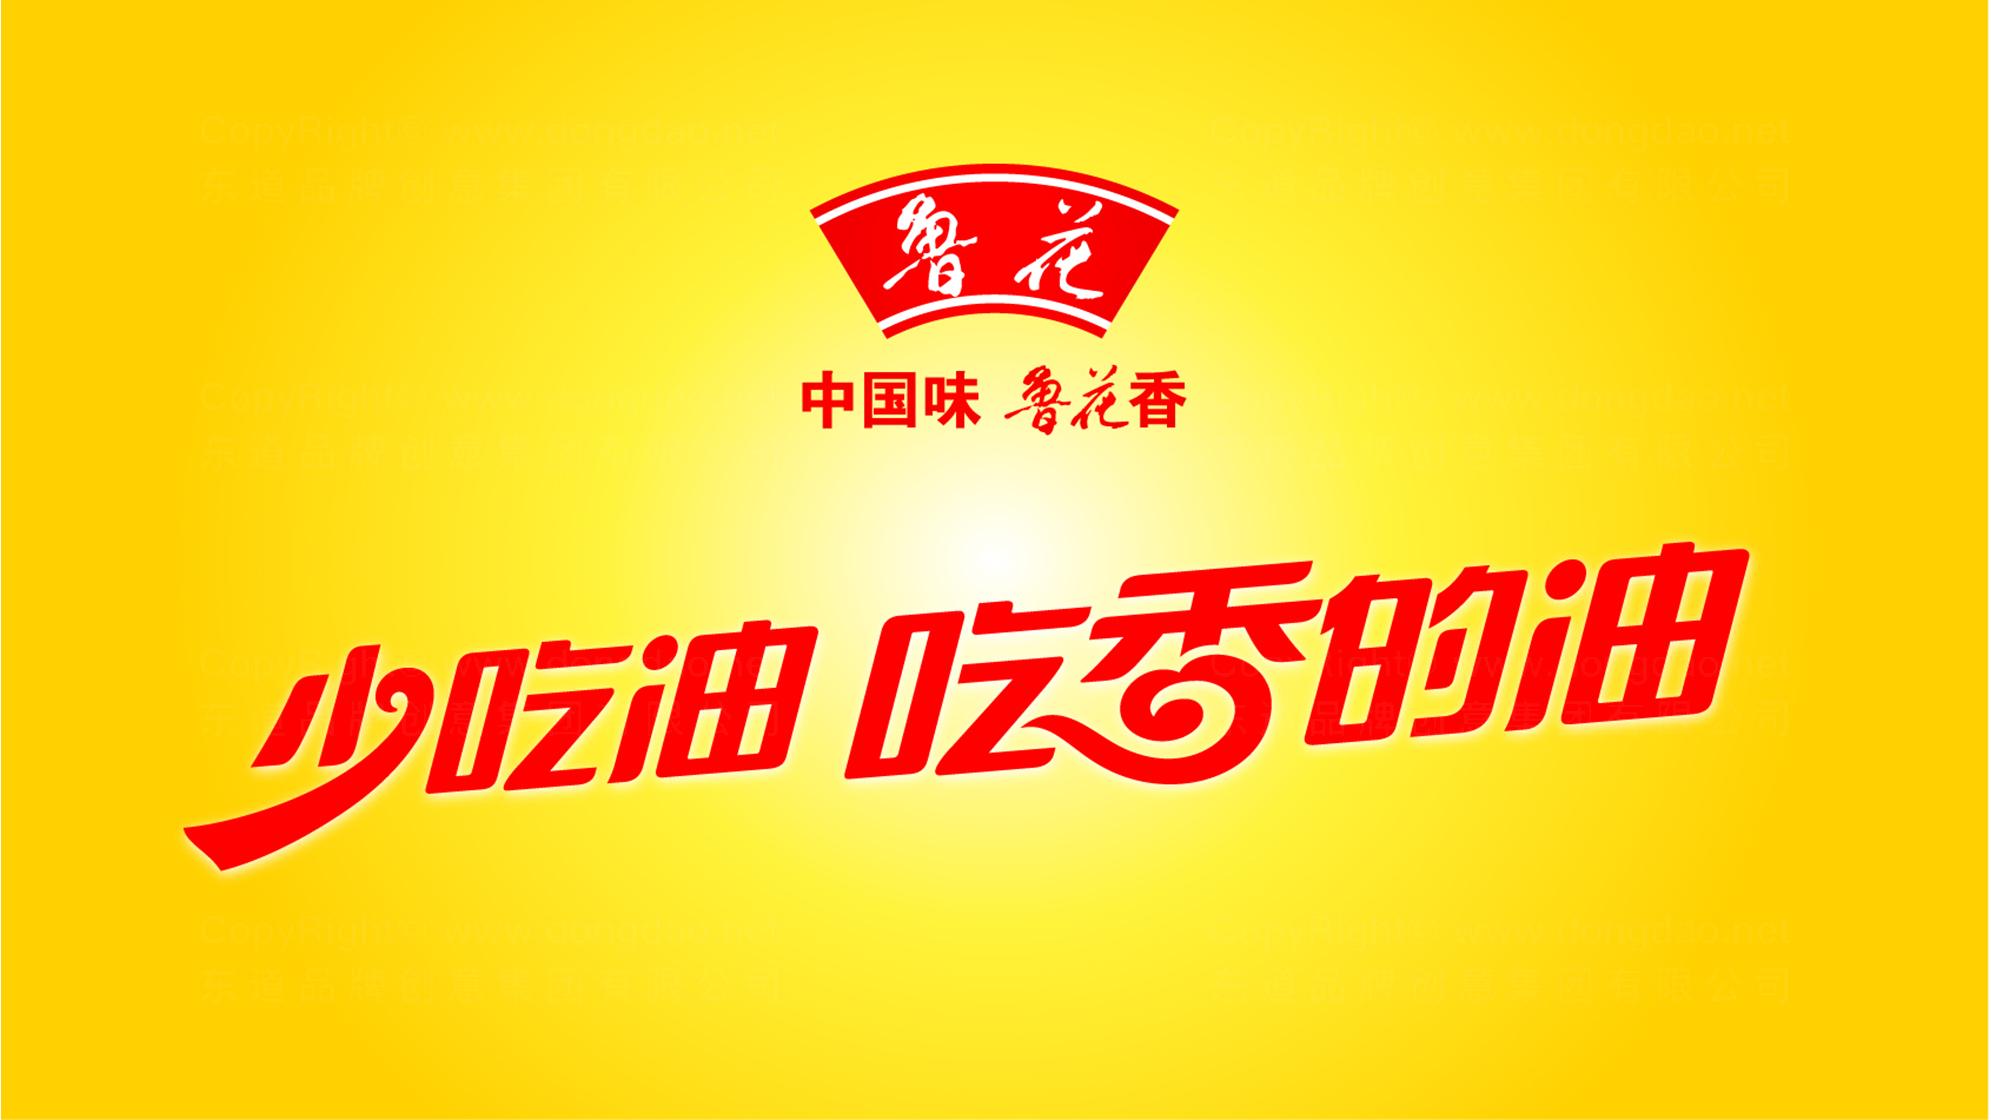 品牌设计鲁花LOGO&VI设计应用